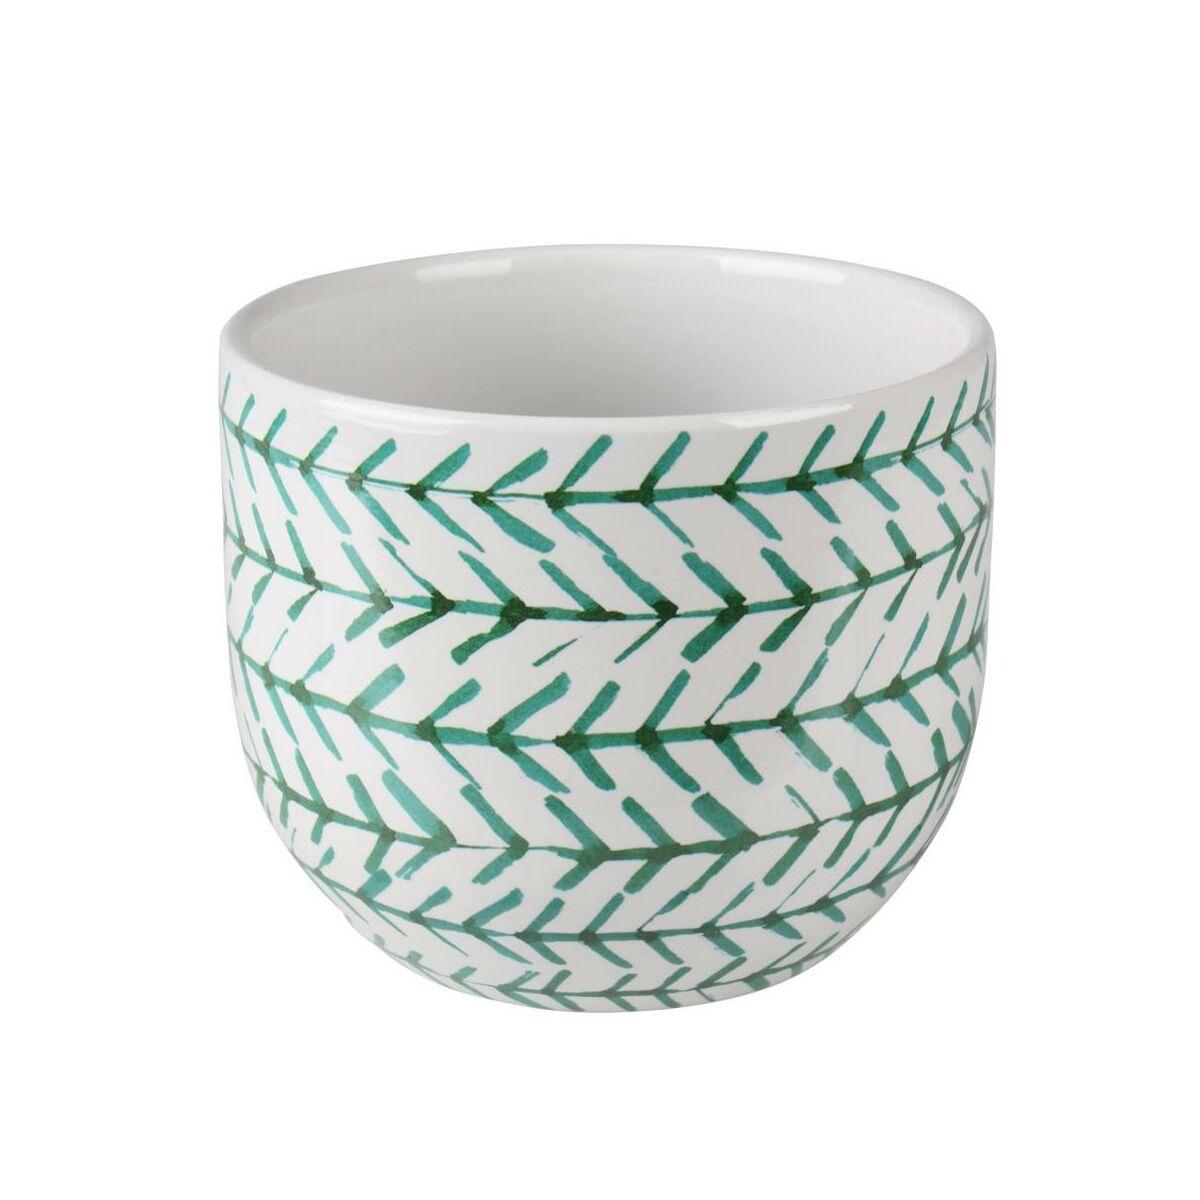 Osłonka Doniczki Ceramiczna 12 Cm Zielono Biała Mats